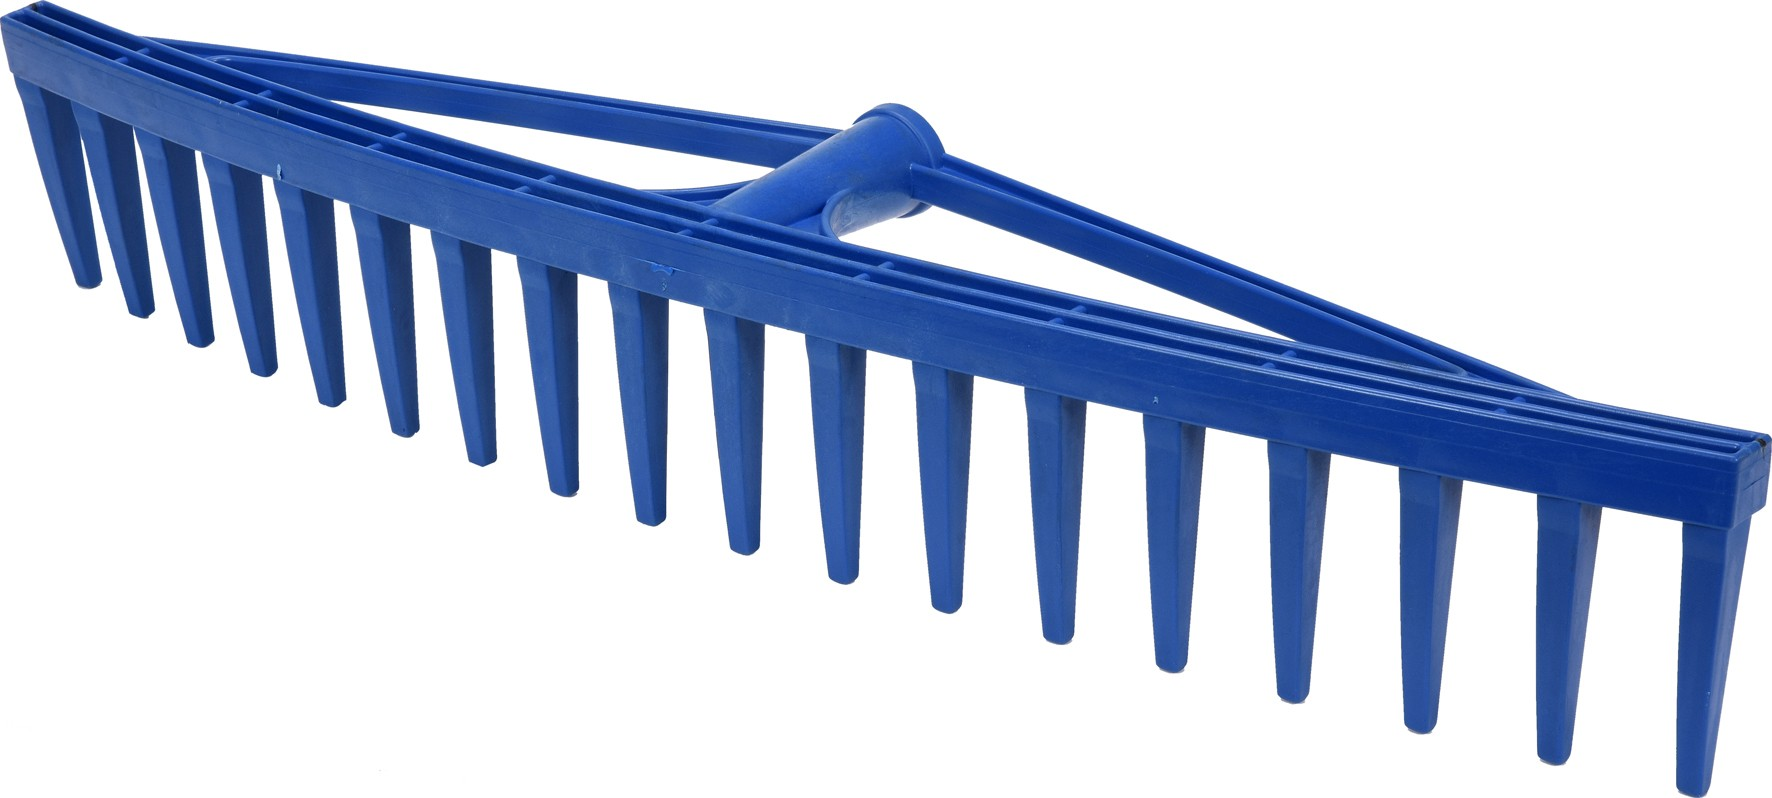 Hrábě 600 mm plast 18 zubů